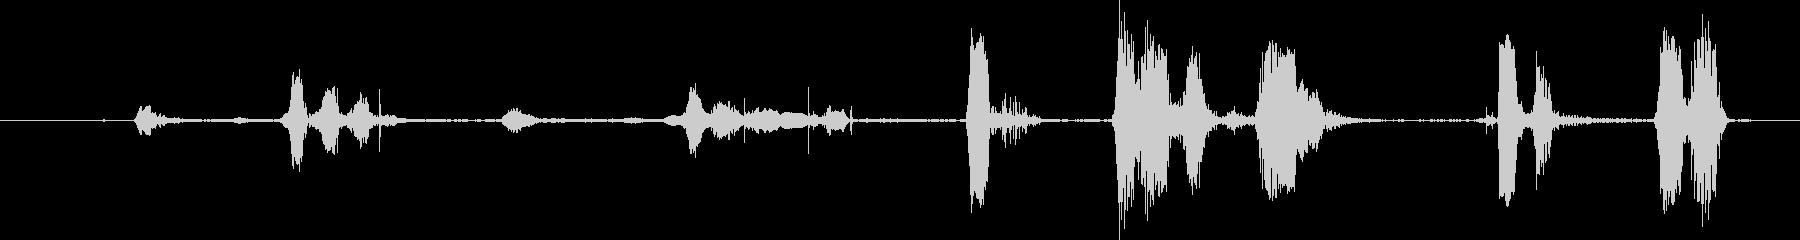 単一のホッキョクオオカミ:悪質なB...の未再生の波形